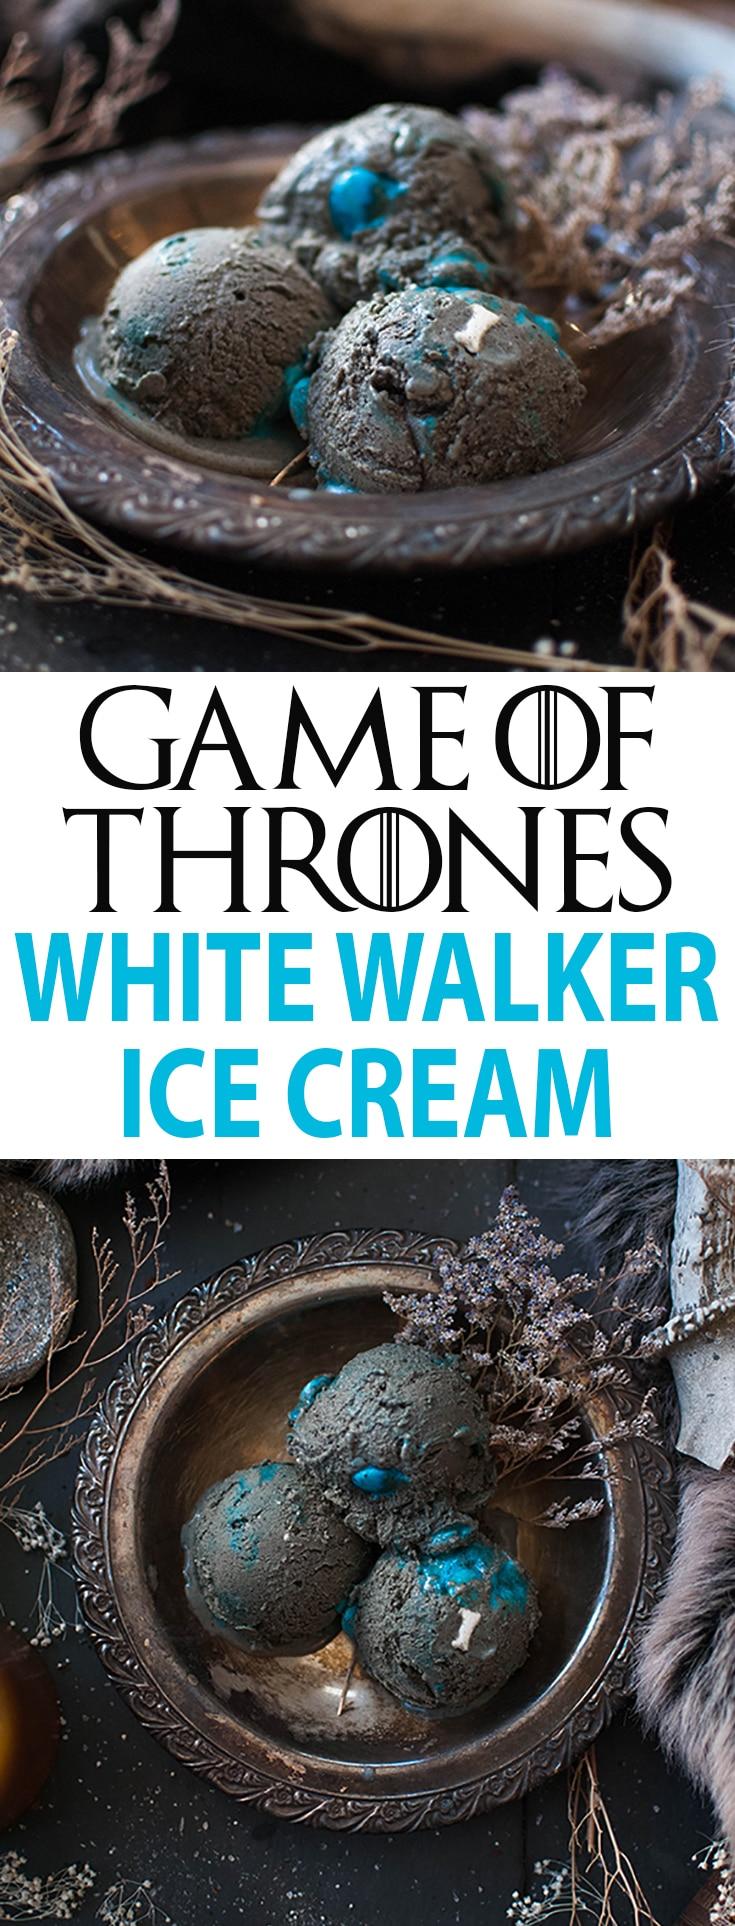 Game of Thrones Ice Cream Recipe